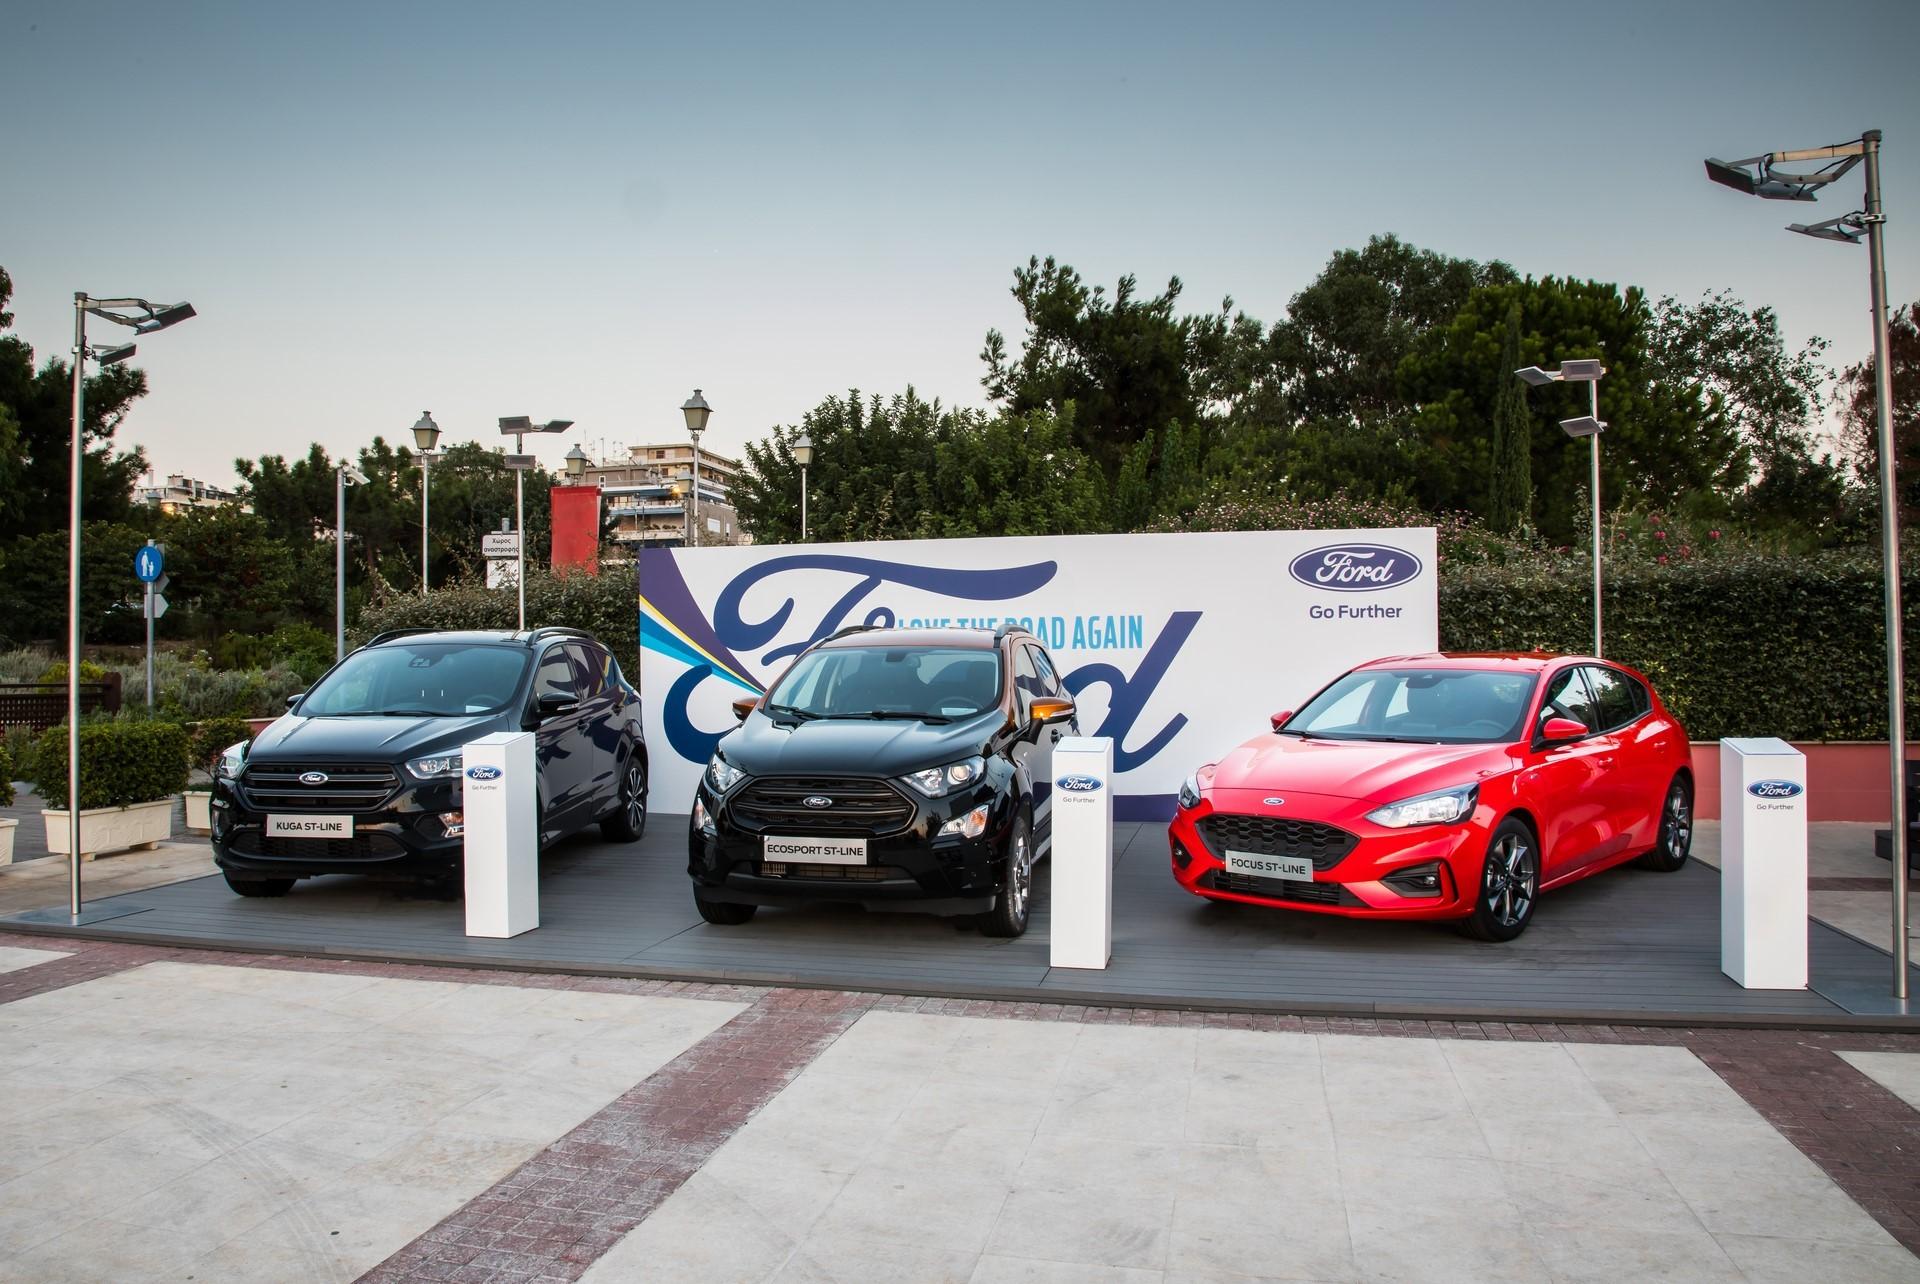 Ford Focus ellada (9)